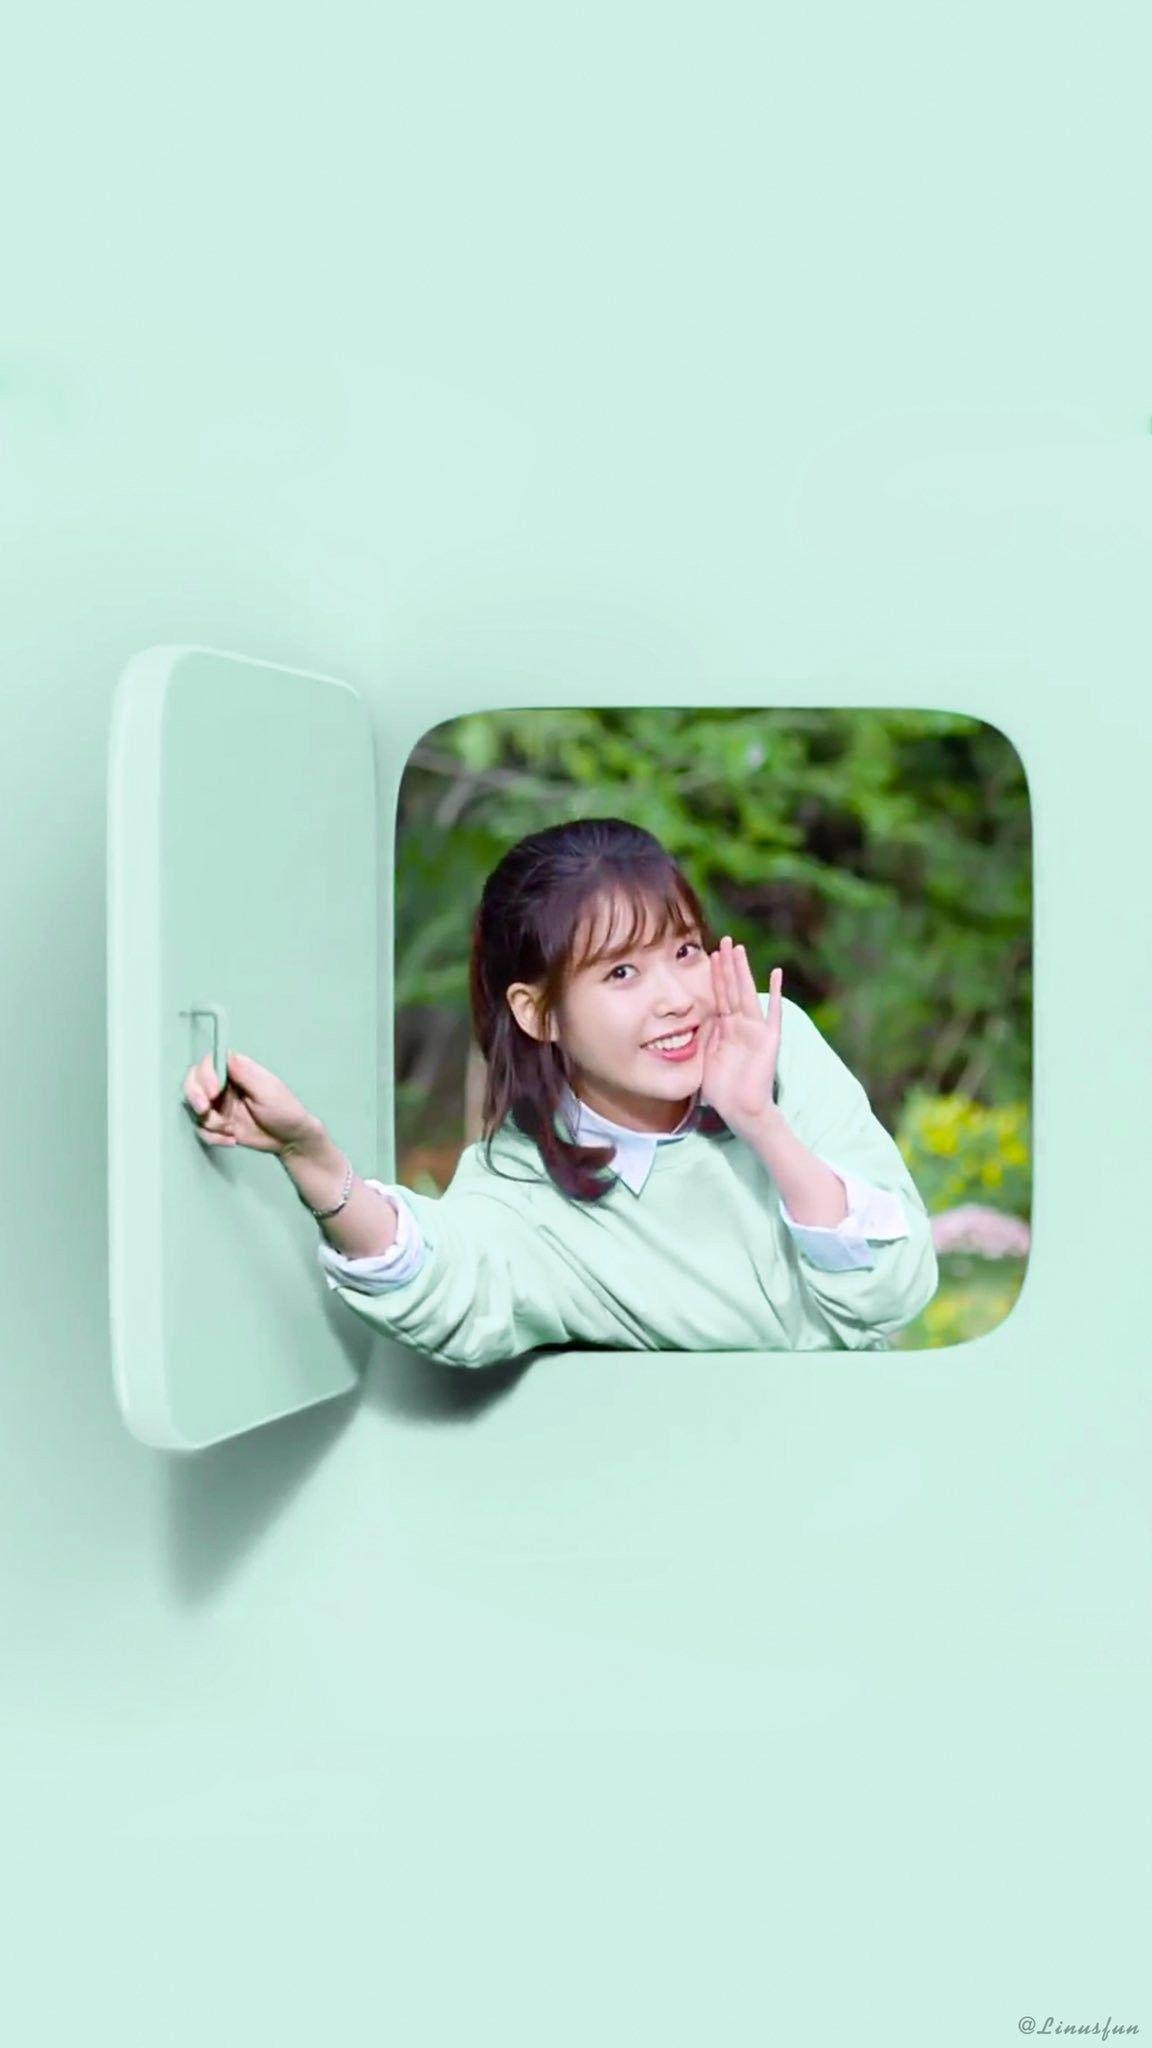 Iu Wallpaper Samsung Card ジウン かわいい 愛される